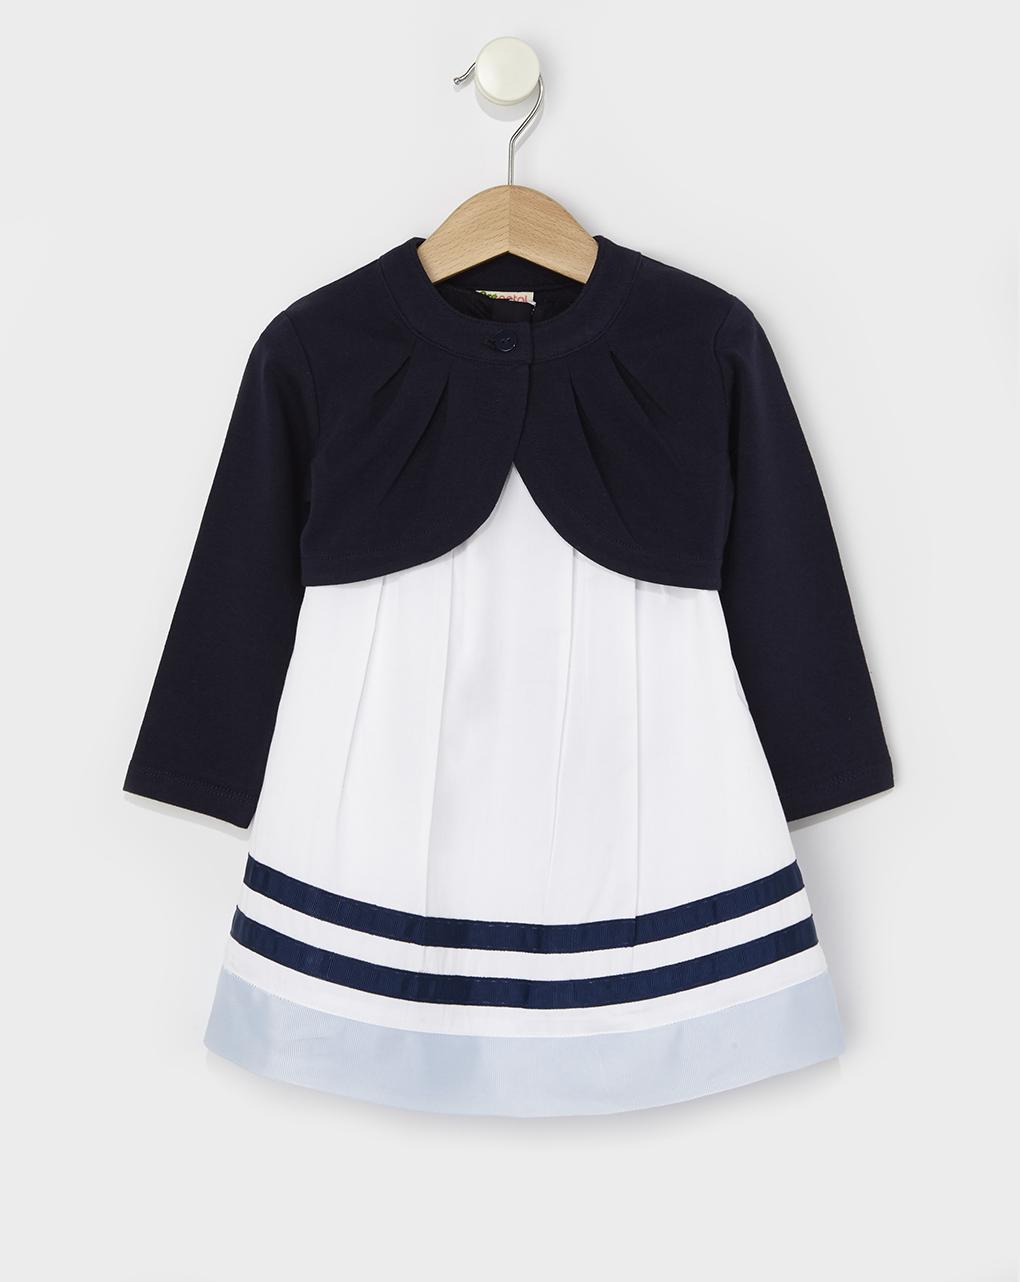 Σετ Φόρεμα και Μπολερό Σκούρο Μπλε-Λευκό για Κορίτσι